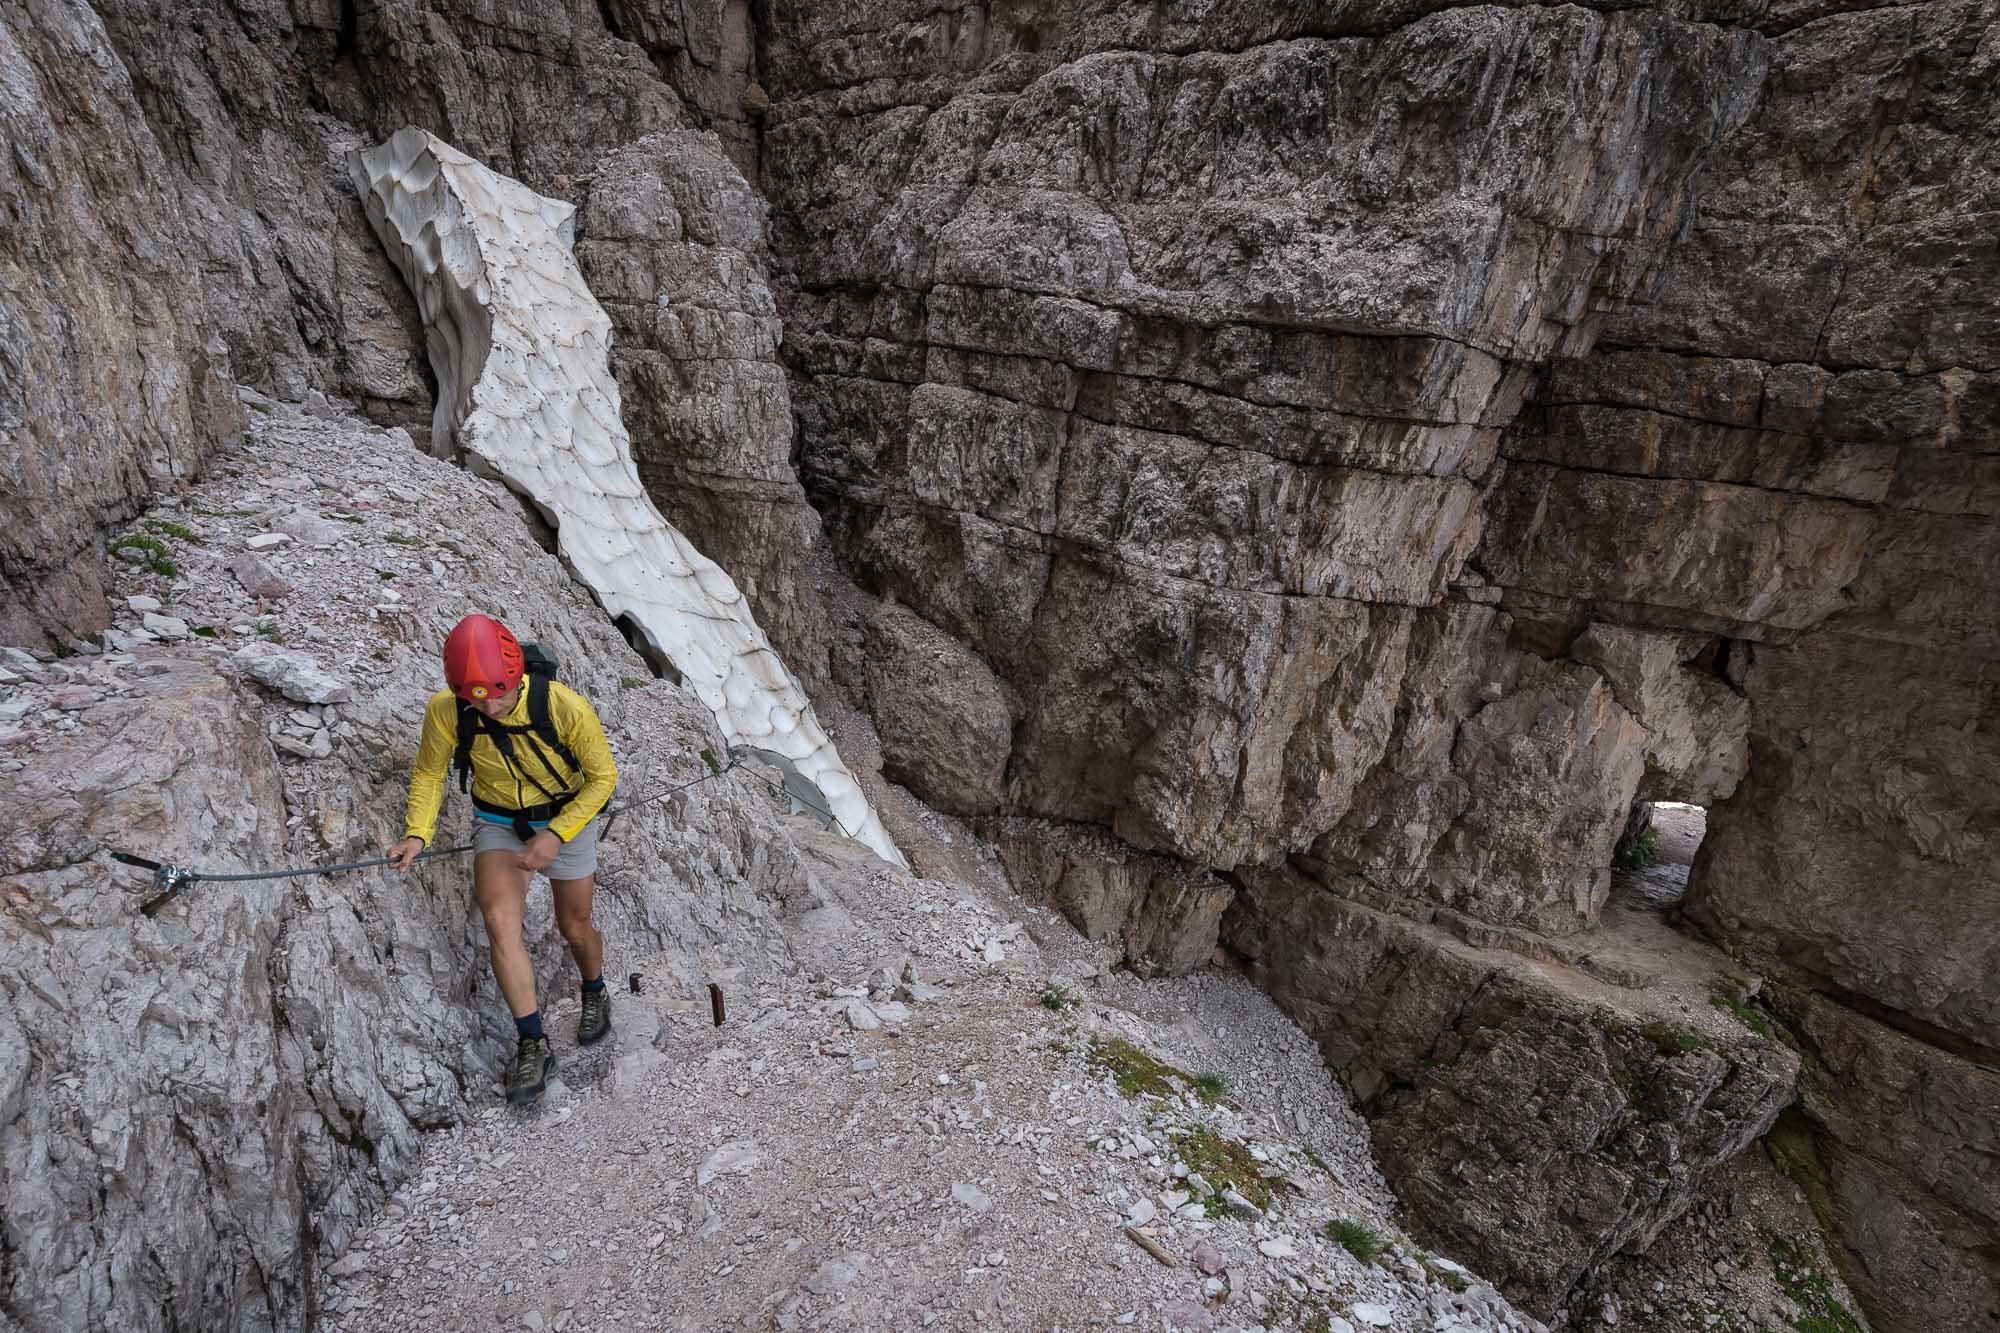 Lungo il sentiero attrezzato delle gallerie del Monte Paterno _ PHOTO  © GIUSEPPE GHEDINA